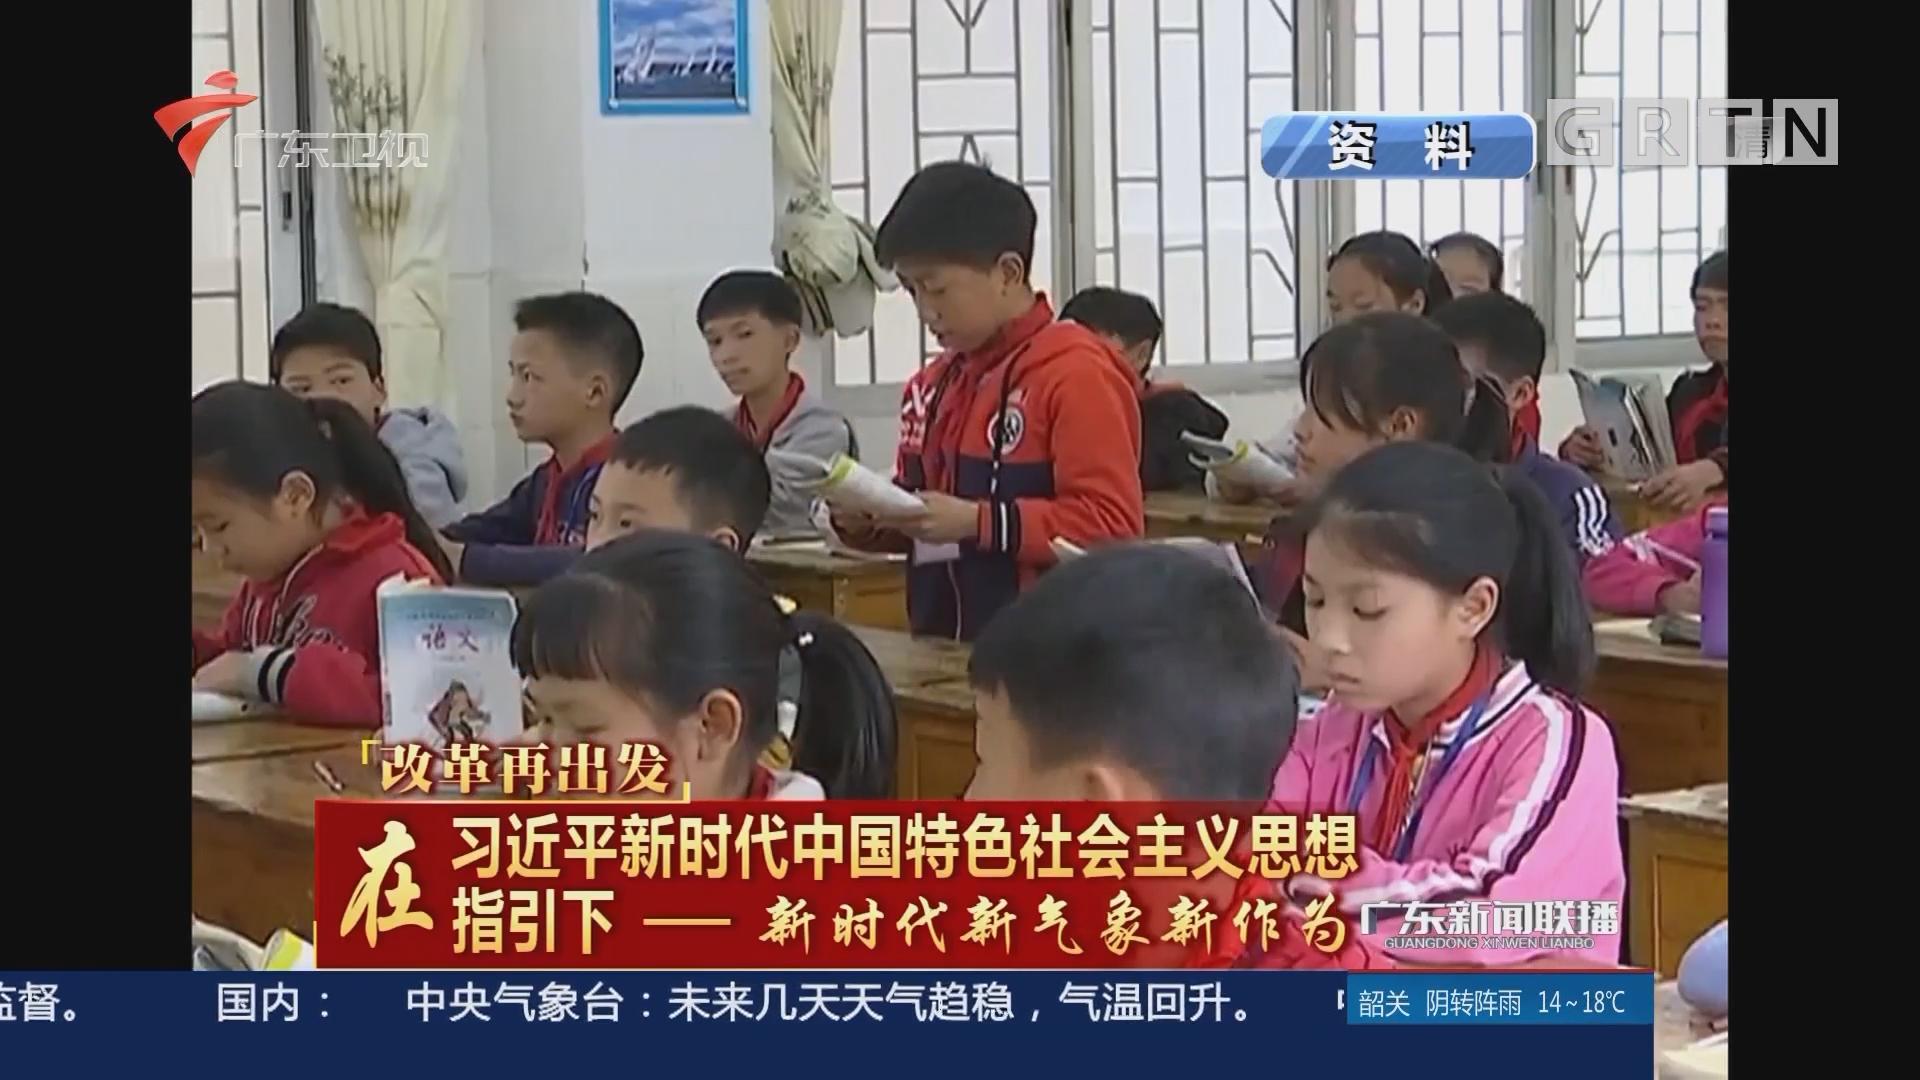 """韶关:推进""""县管校聘""""管理改革 促进教师资源均衡配置"""